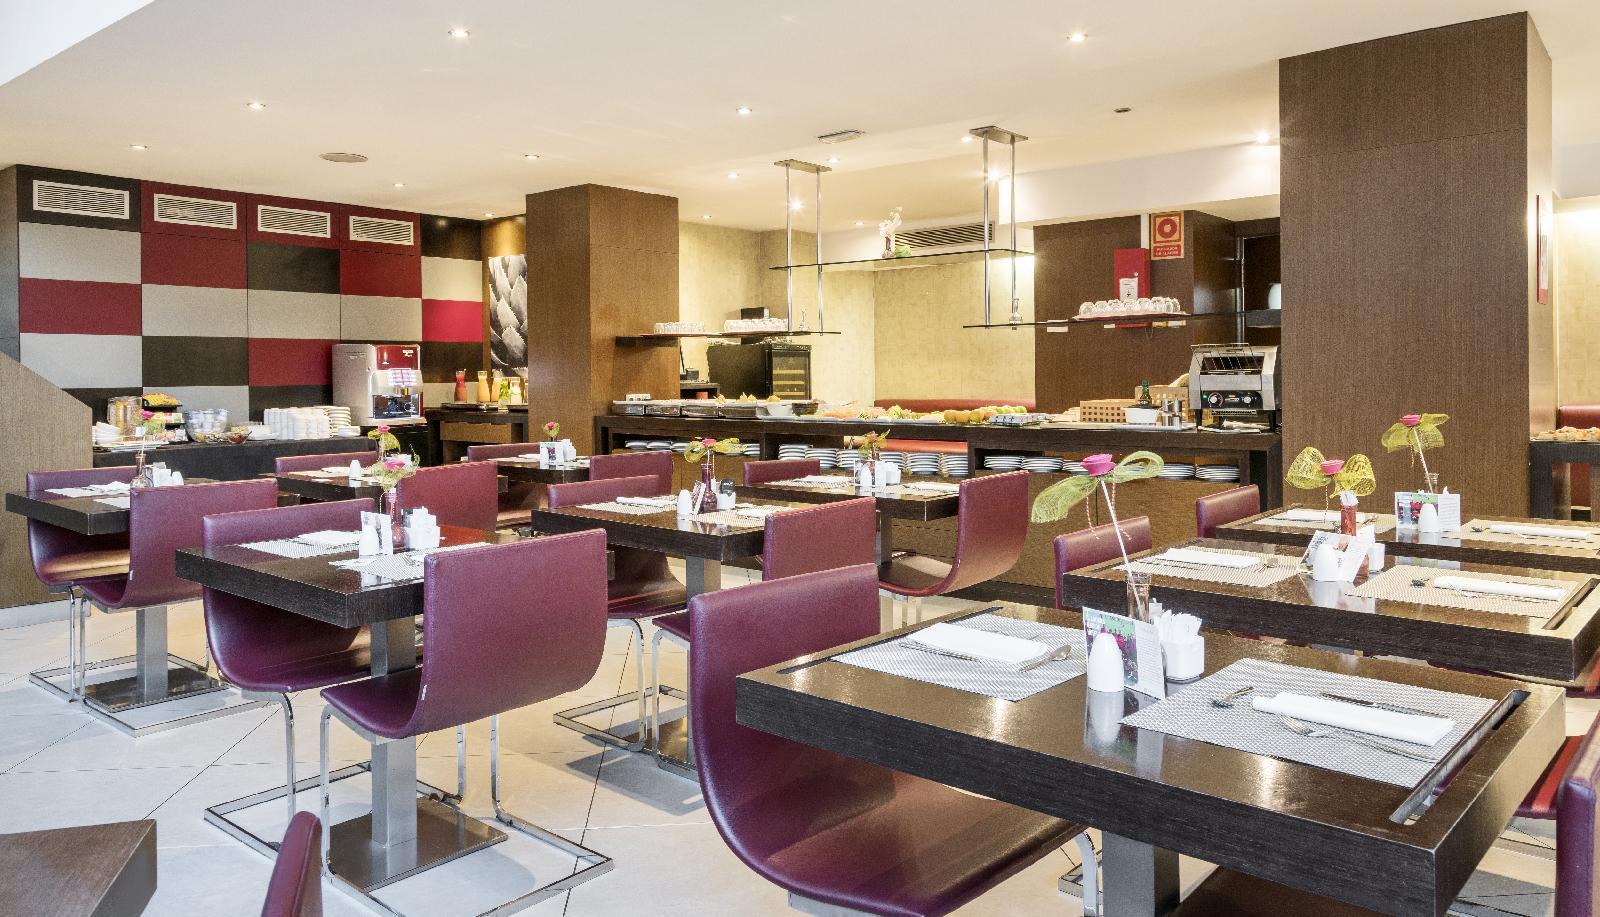 Schön Küche Bar Restaurant Café Abington Pa Bilder - Ideen Für Die ...